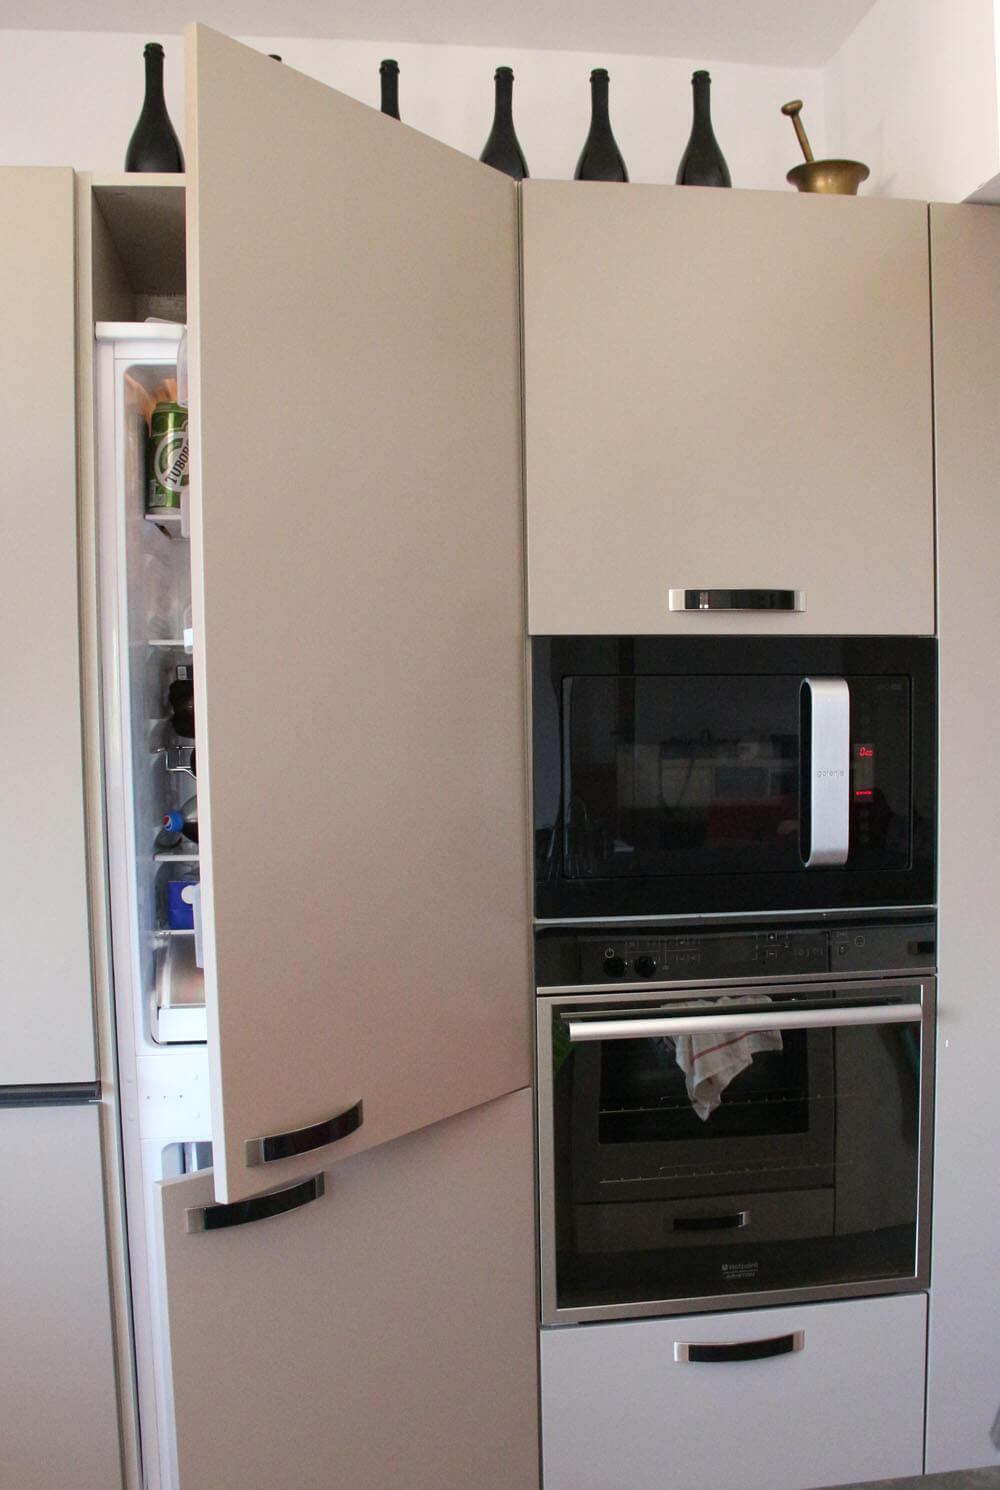 Один из холодильников спрятан среди кухонной мебели